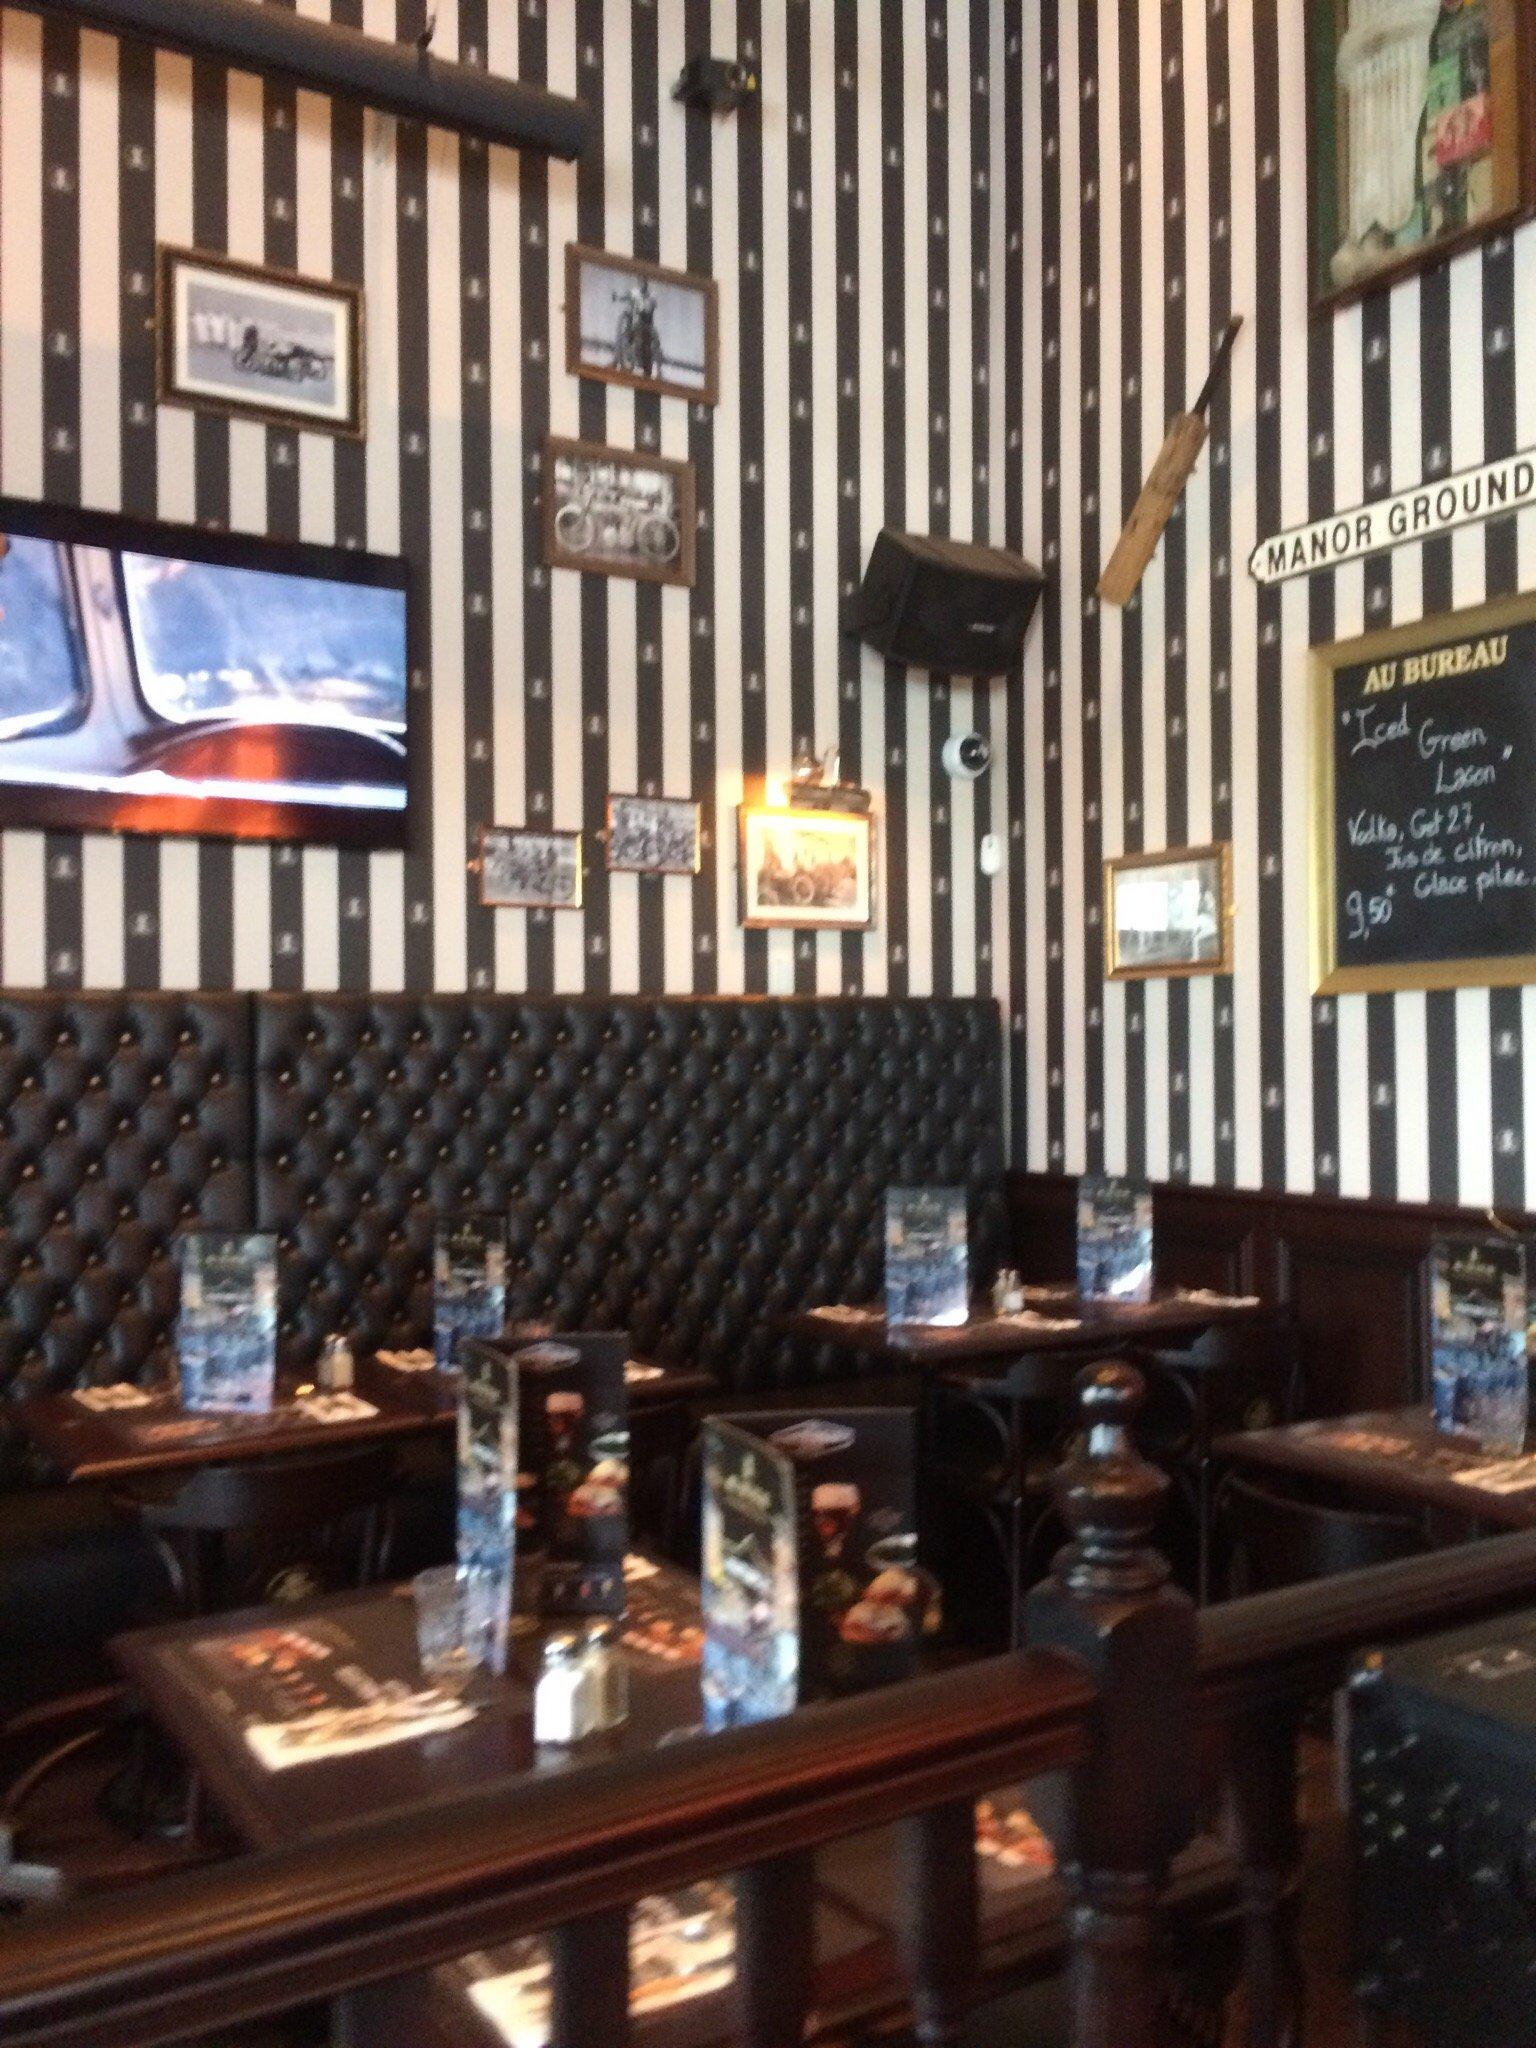 Au bureau cormeilles cormeilles en parisis restaurant for O bureau restaurant